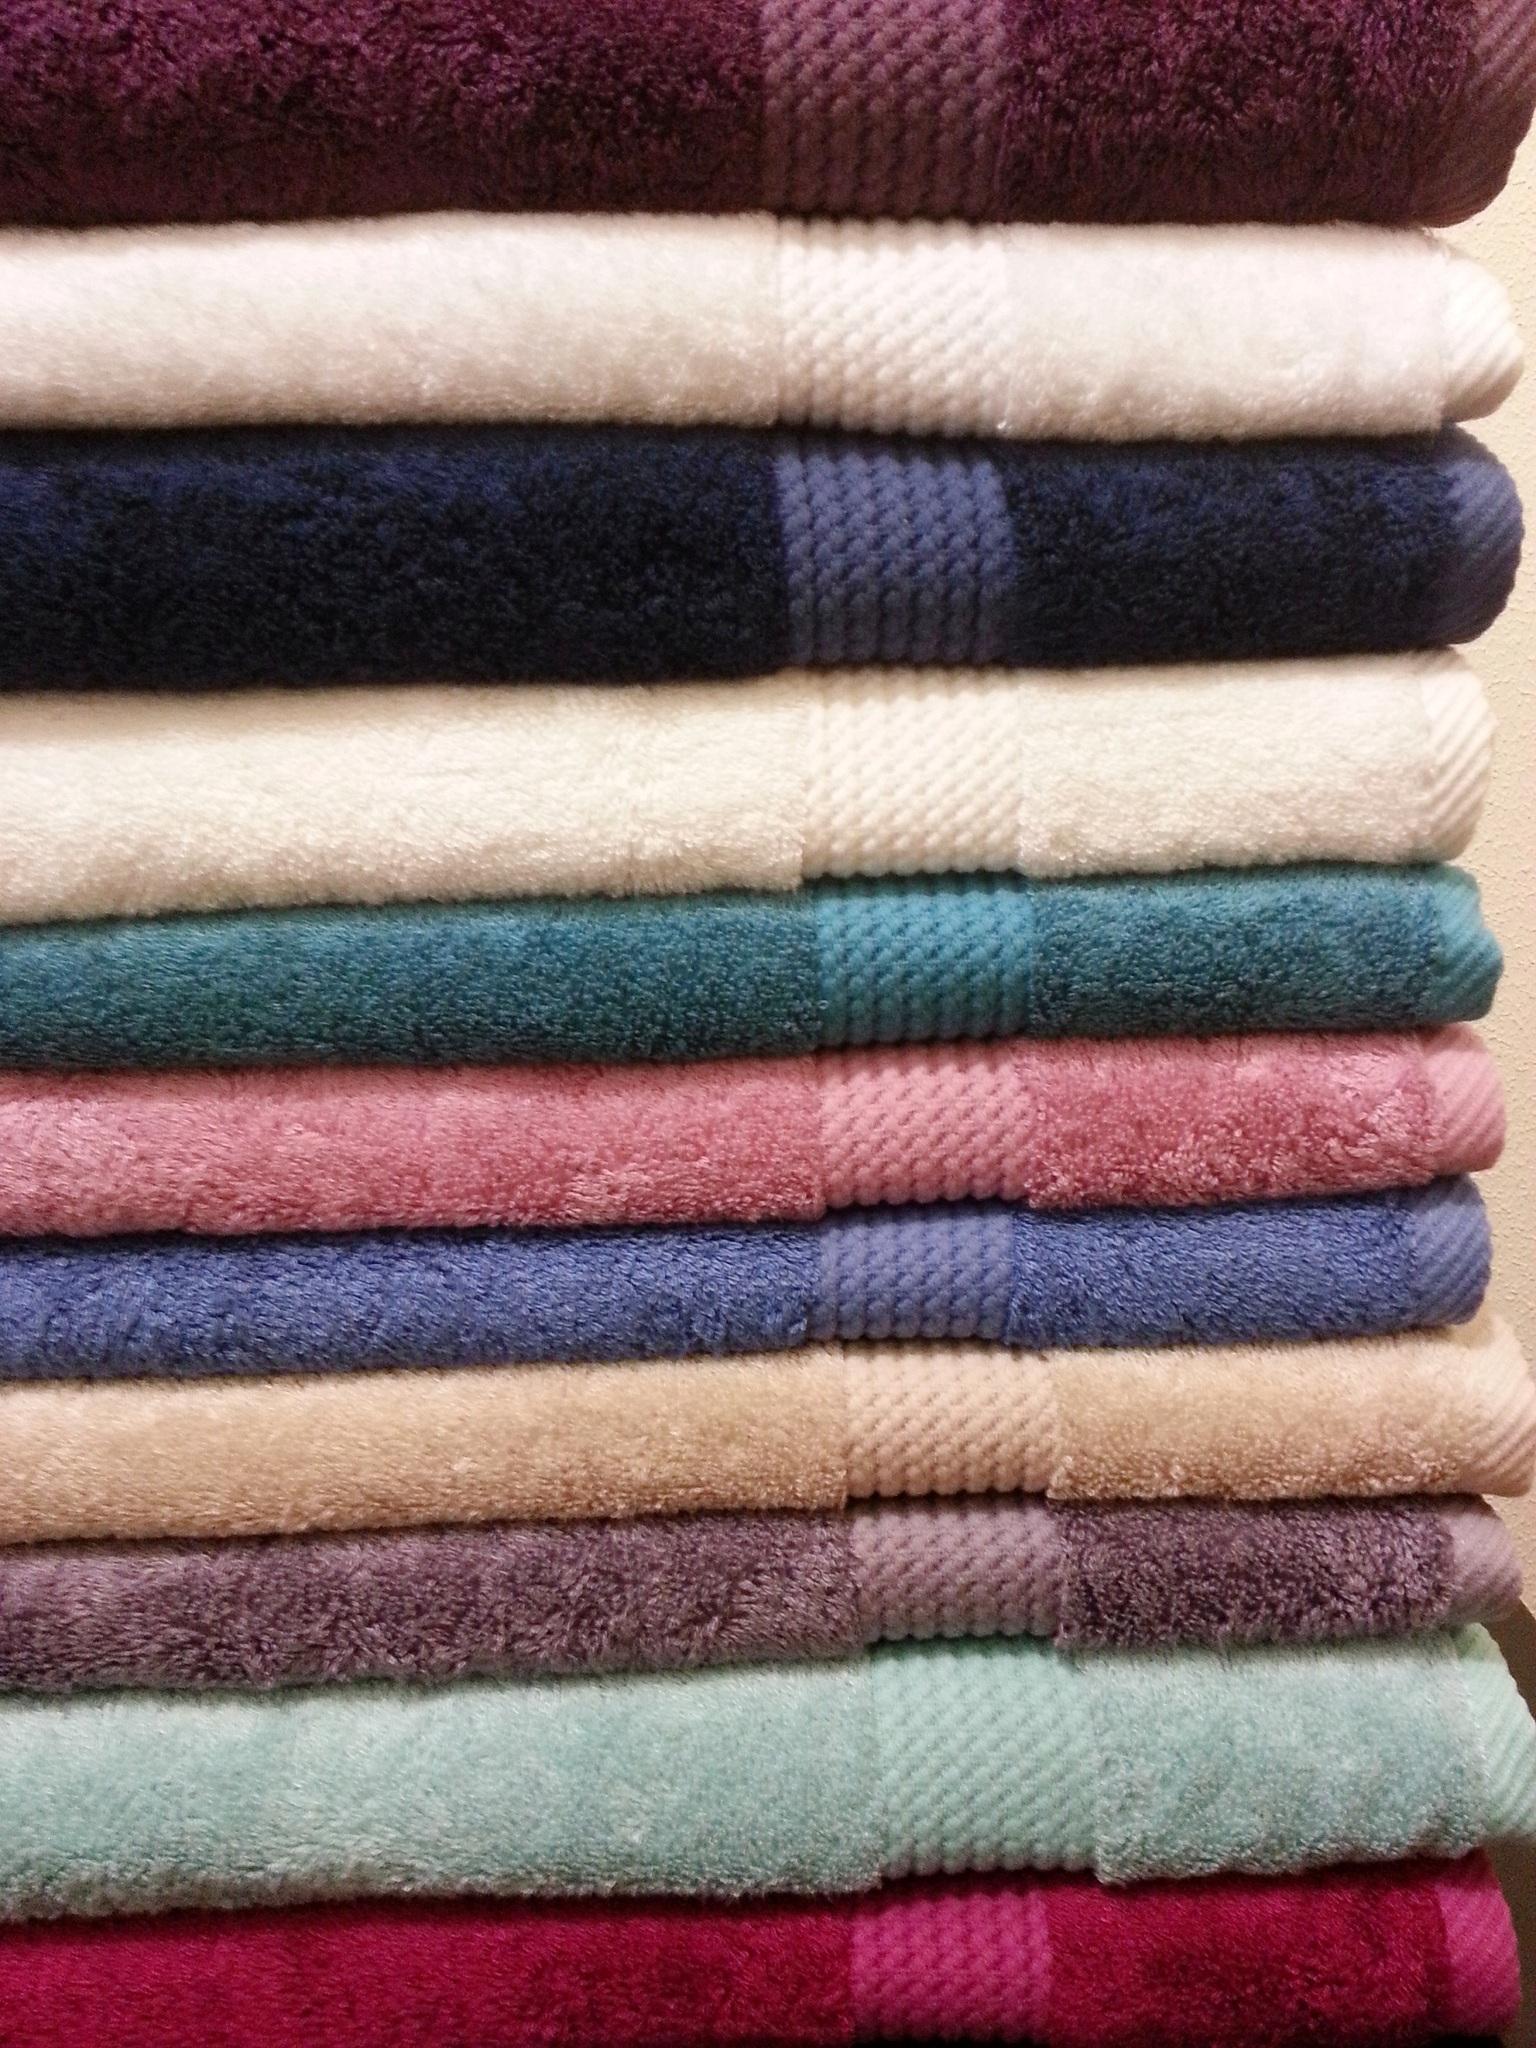 Полотенца AMADEUS  АМАДЕУС полотенце махровое Maison Dor Турция AMADEUS.jpg